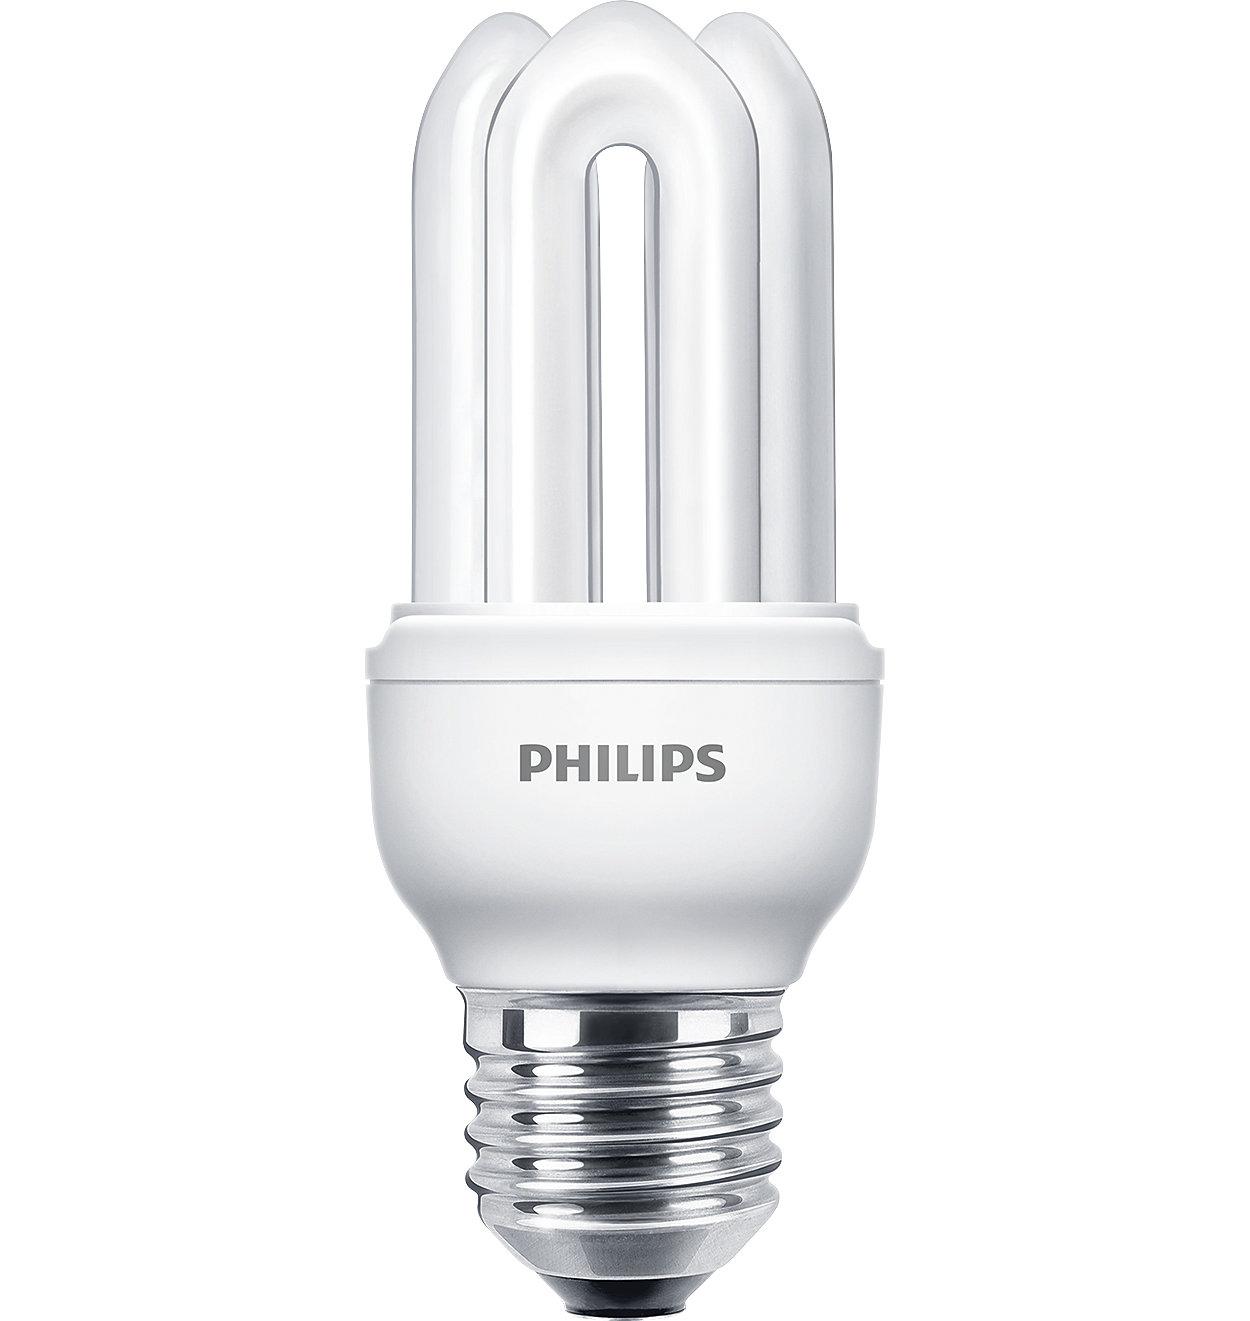 Soluzione salva-energia piccola e potente che eroga luce di alta qualità e presenta un design compatto